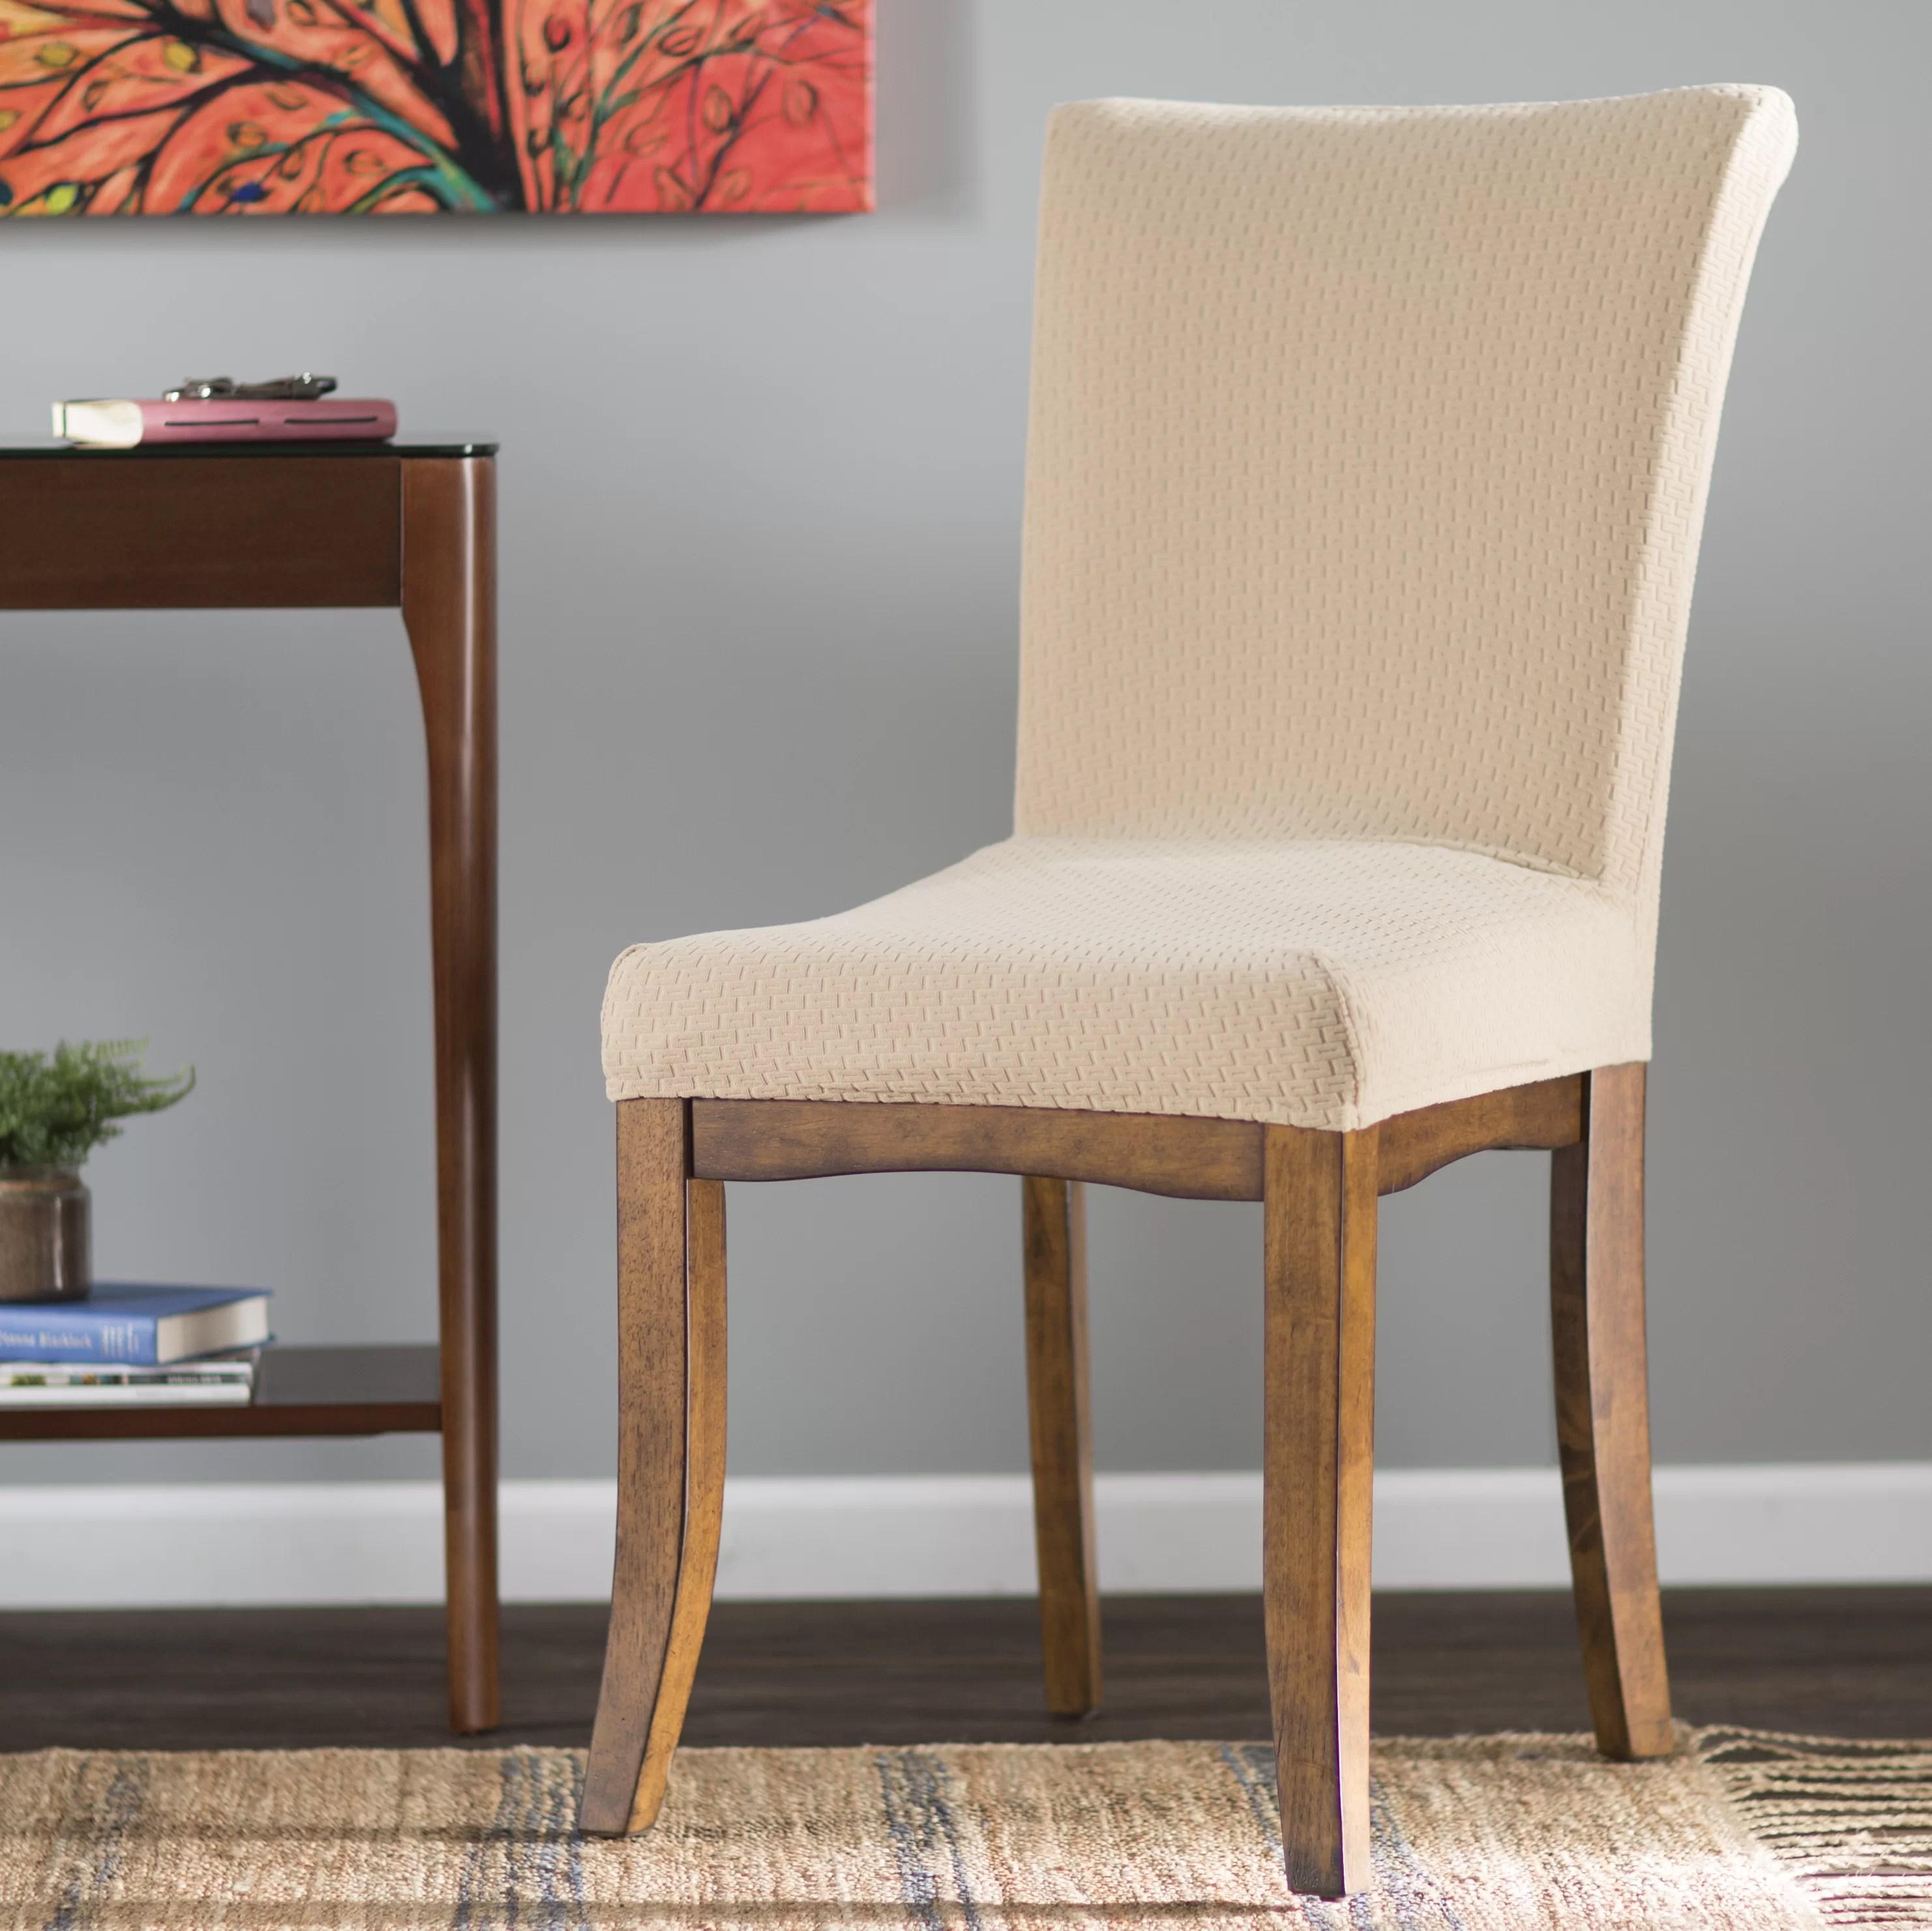 barrel swivel chair slipcover for shower the elderly wayfair dining room by red studio